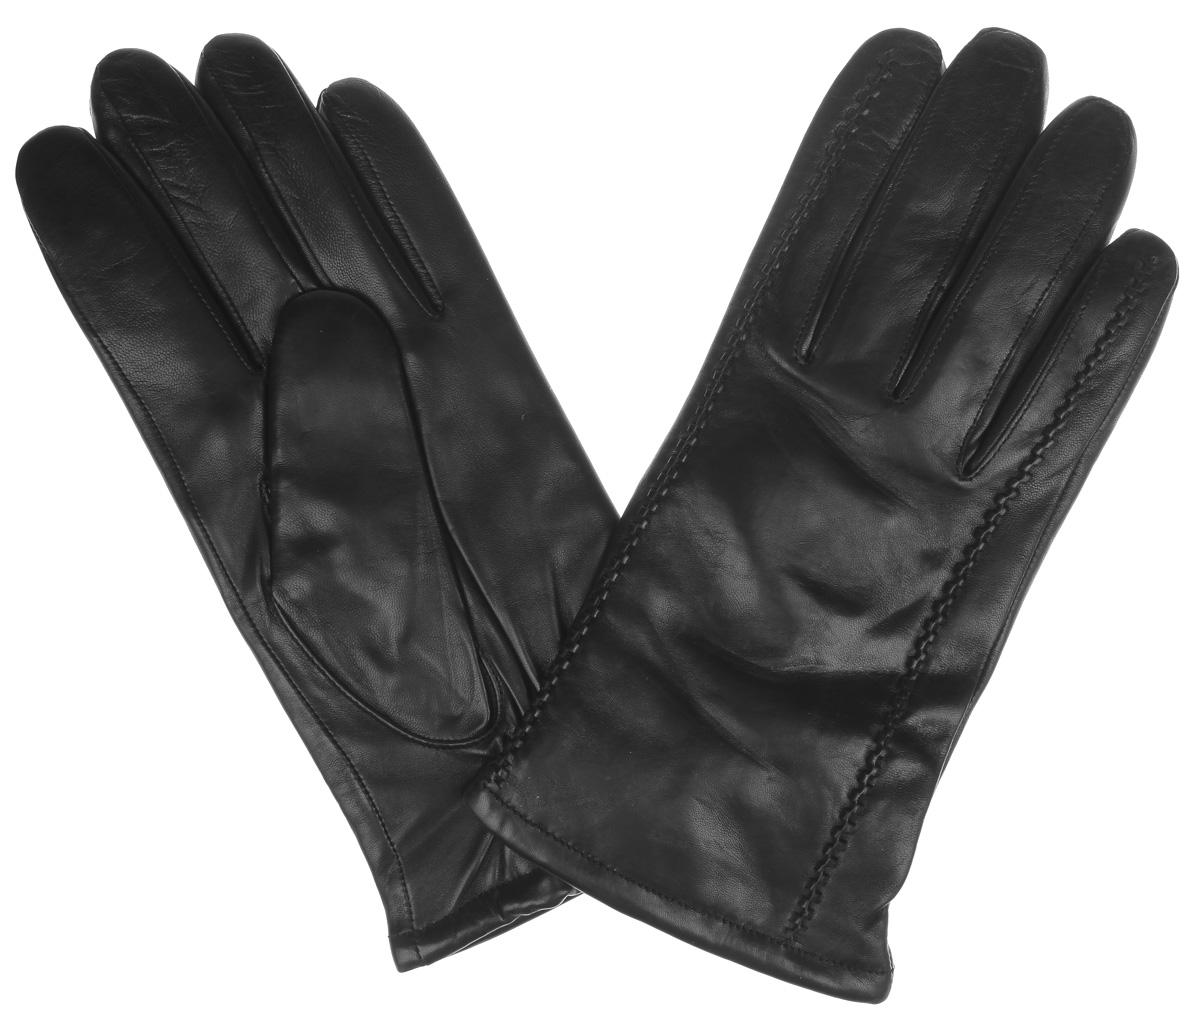 Перчатки мужские. HP607HP607Элегантные мужские перчатки Eleganzza с удлиненными пальцами станут великолепным дополнением вашего образа и защитят ваши руки от холода и ветра во время прогулок. Перчатки выполнены из натуральной кожи и имеют подкладку из шерстяной пряжи с добавлением кашемира, что позволяет им надежно сохранять тепло и обеспечивает высокую гигроскопичность. Строгие и лаконичные перчатки, оформленные объемными декоративными строчками, будут оригинальным завершающим штрихом в создании современного модного образа, они подчеркнут ваш вкус и станут незаменимым и практичным аксессуаром.